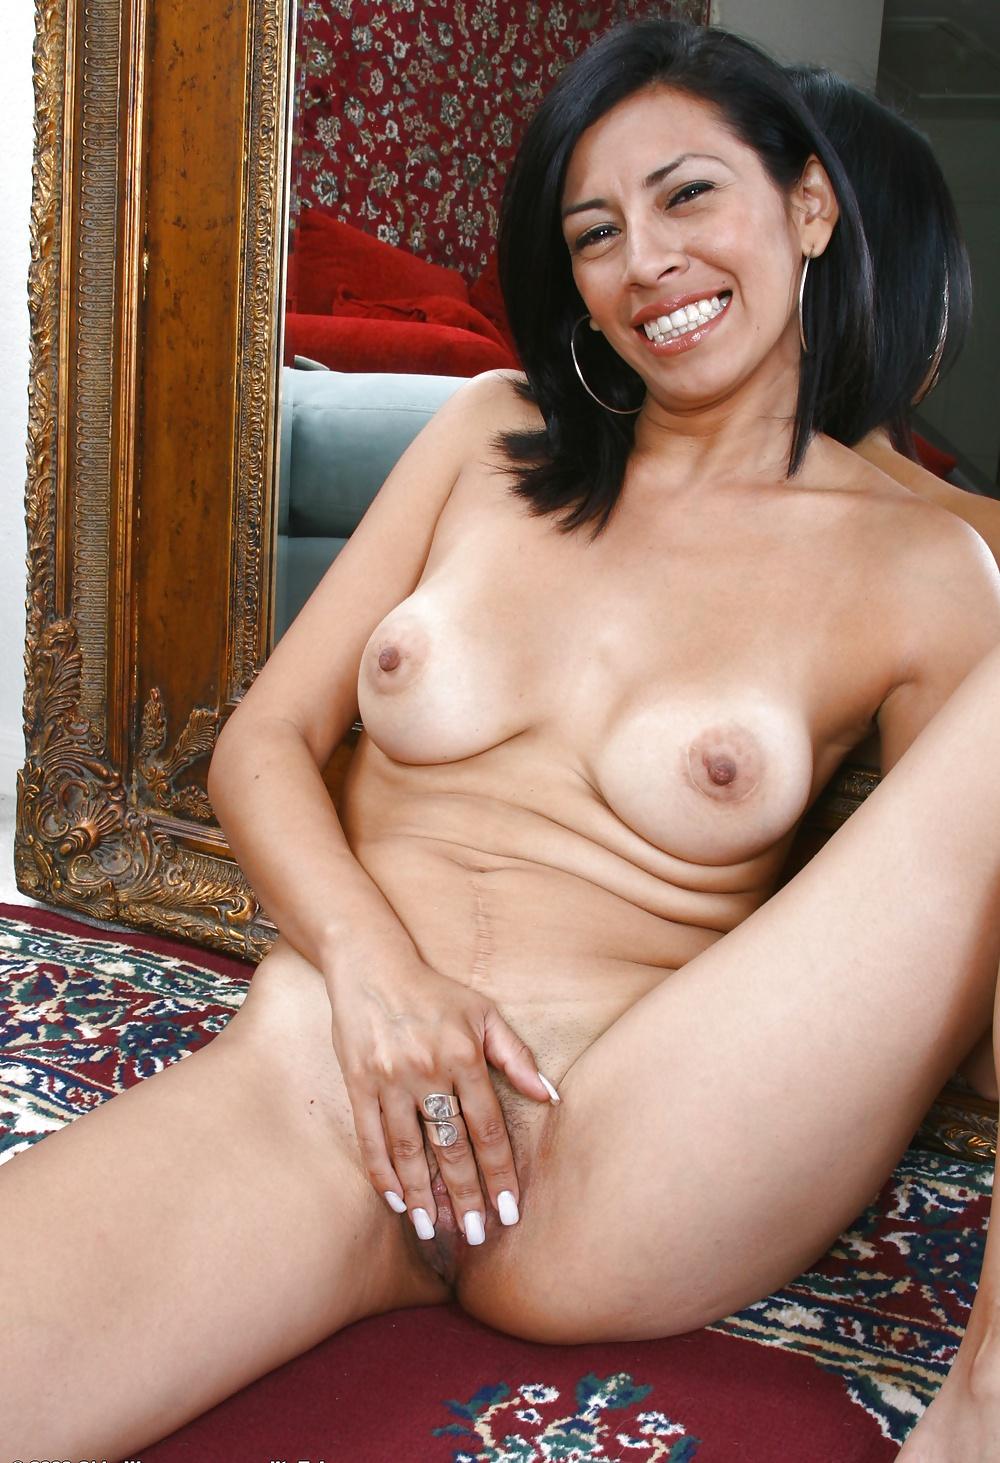 Old latinas nude